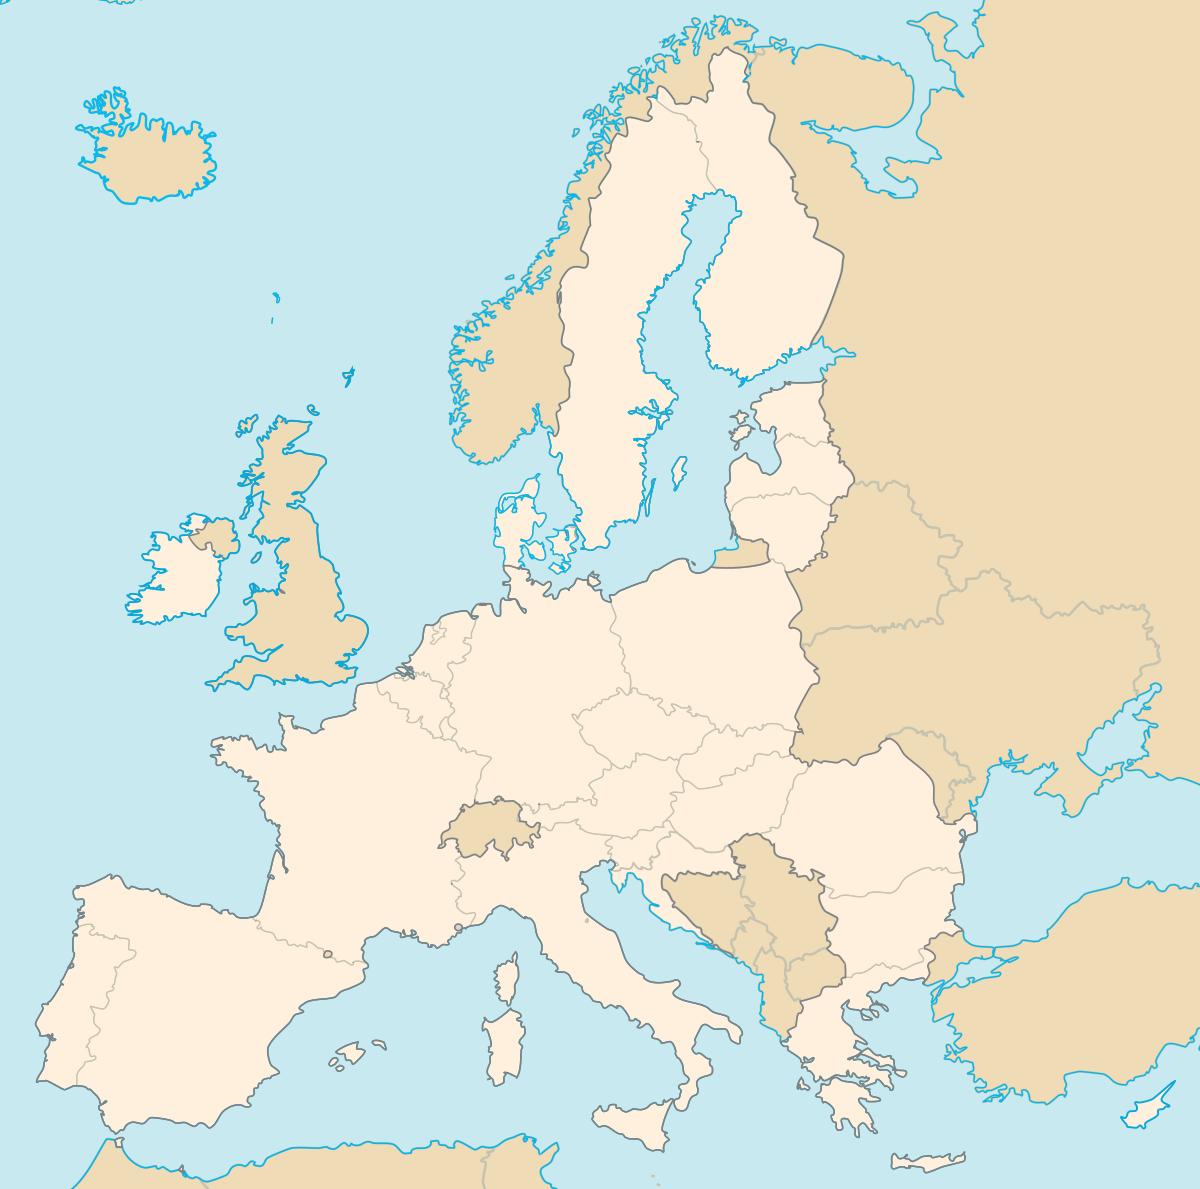 États Membres De L'union Européenne — Wikipédia encequiconcerne Carte Union Europeene